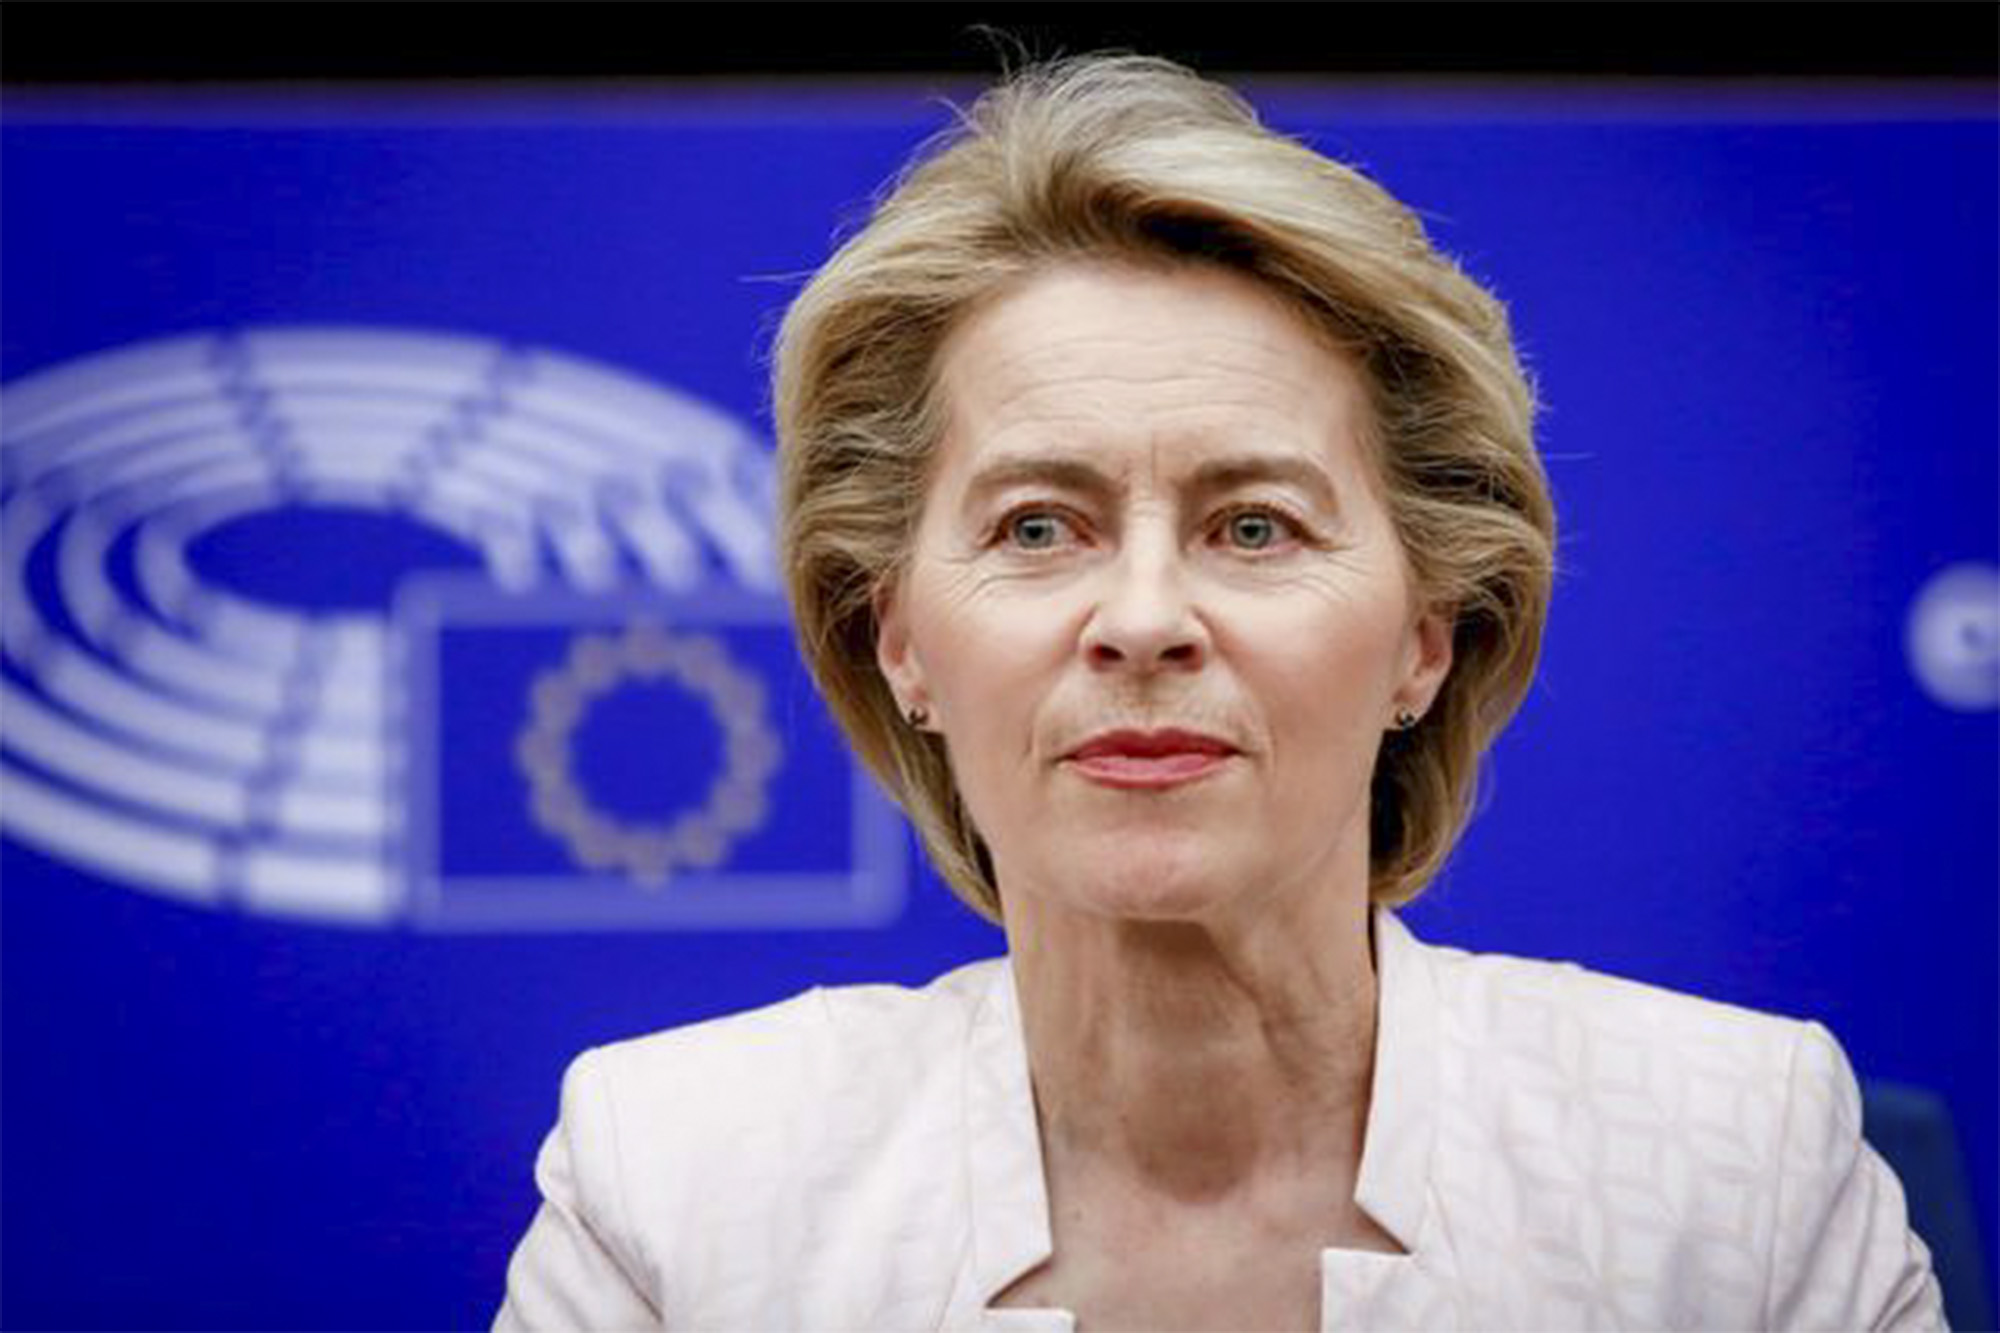 Ursula Von der Leyen, Presidente da Comissão Europeia. Fonte: europa.eu